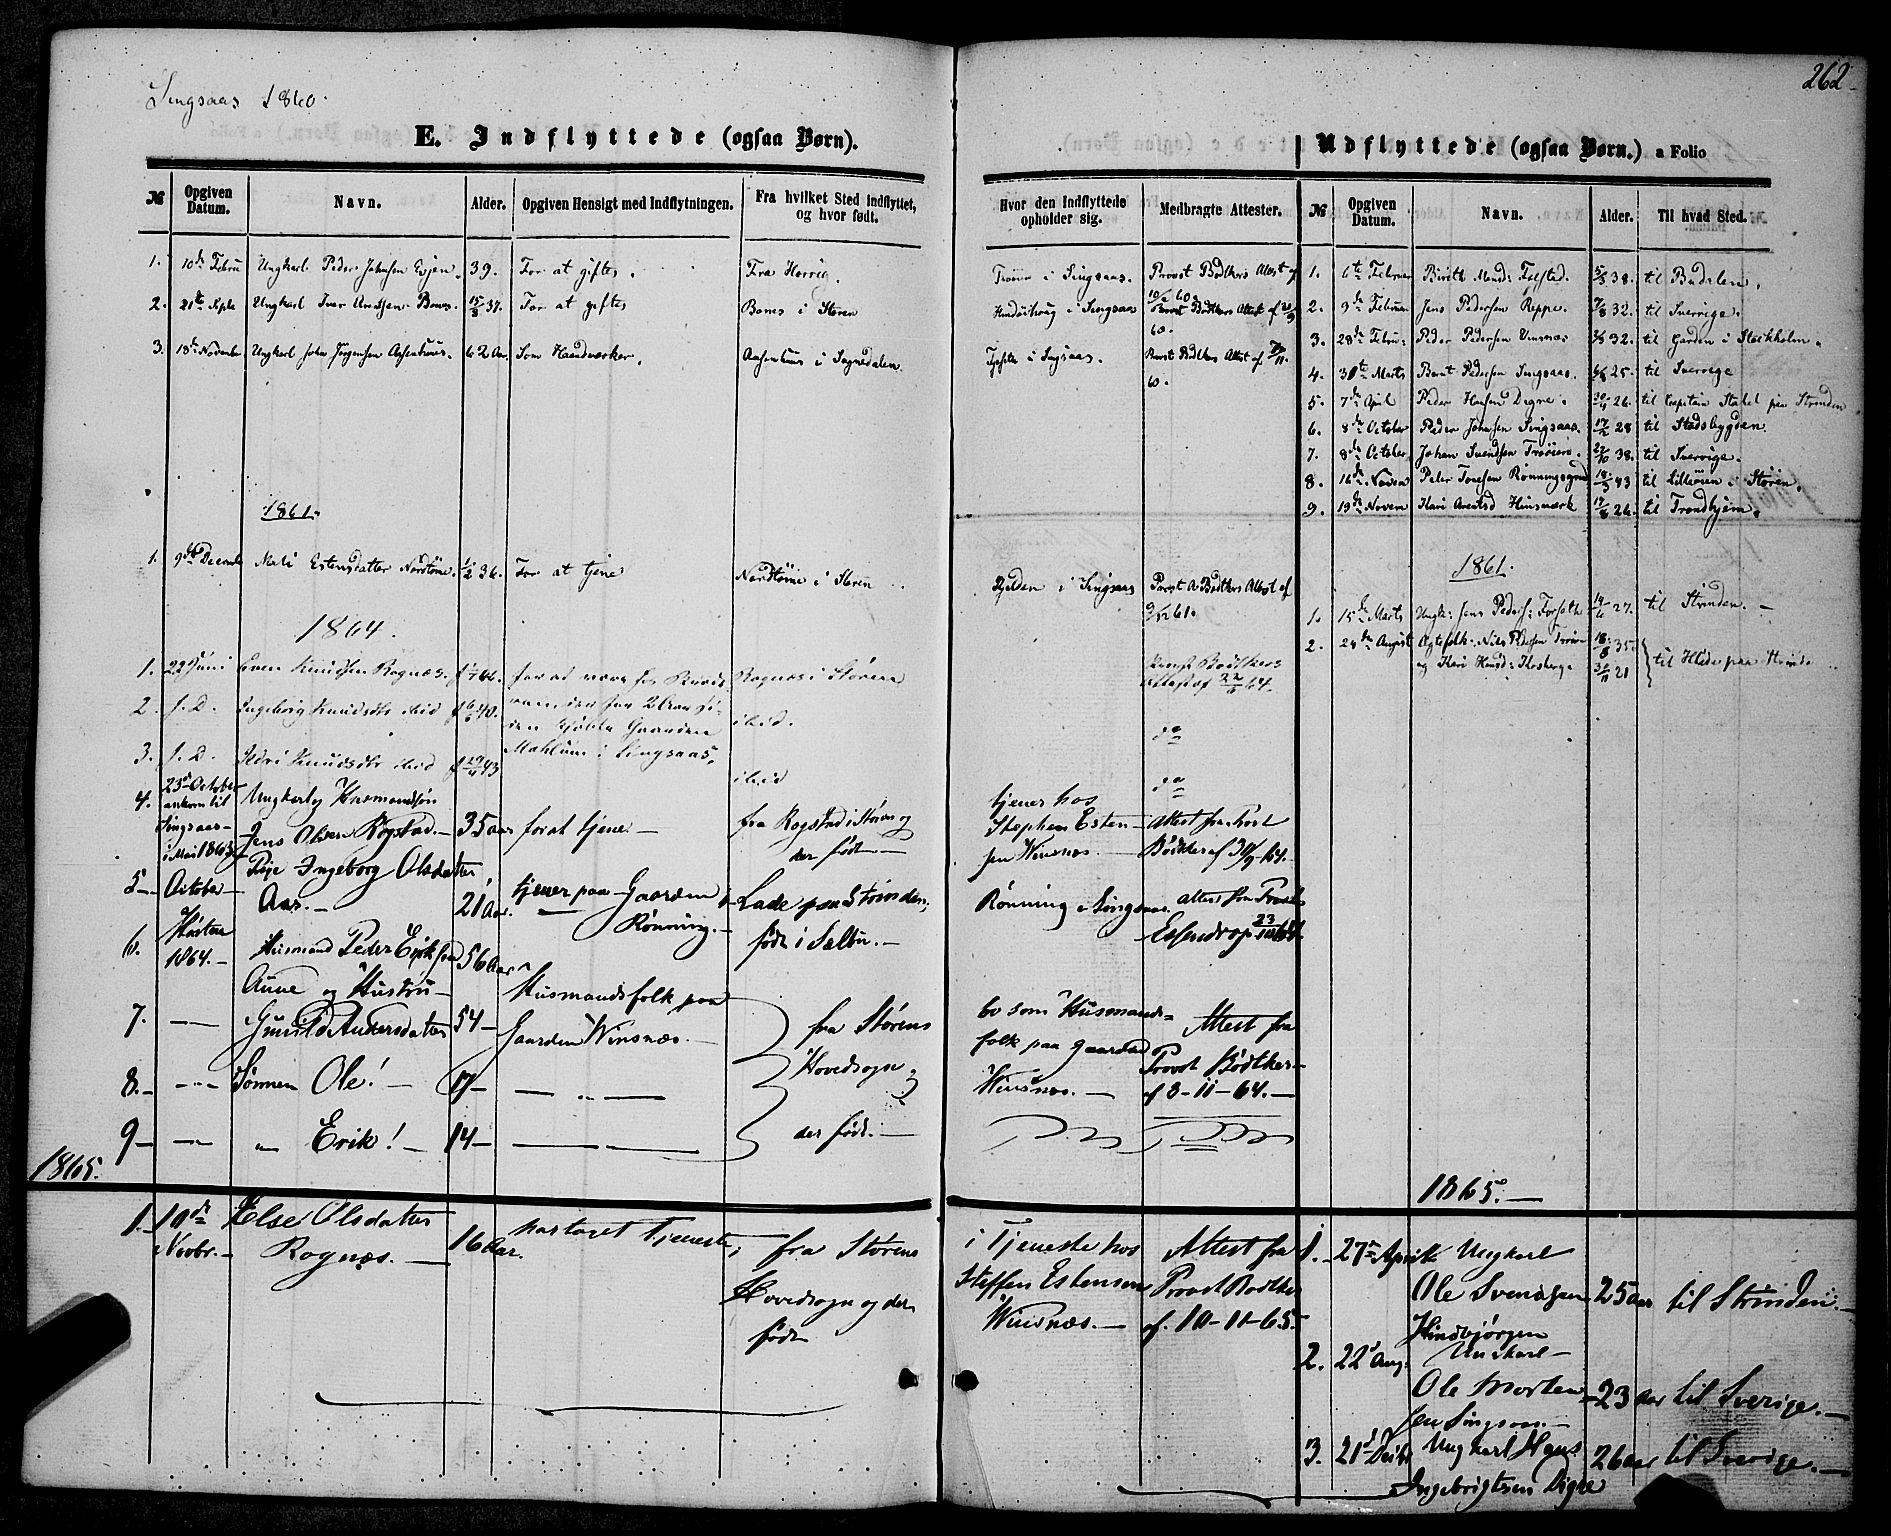 SAT, Ministerialprotokoller, klokkerbøker og fødselsregistre - Sør-Trøndelag, 685/L0967: Ministerialbok nr. 685A07 /2, 1860-1869, s. 262